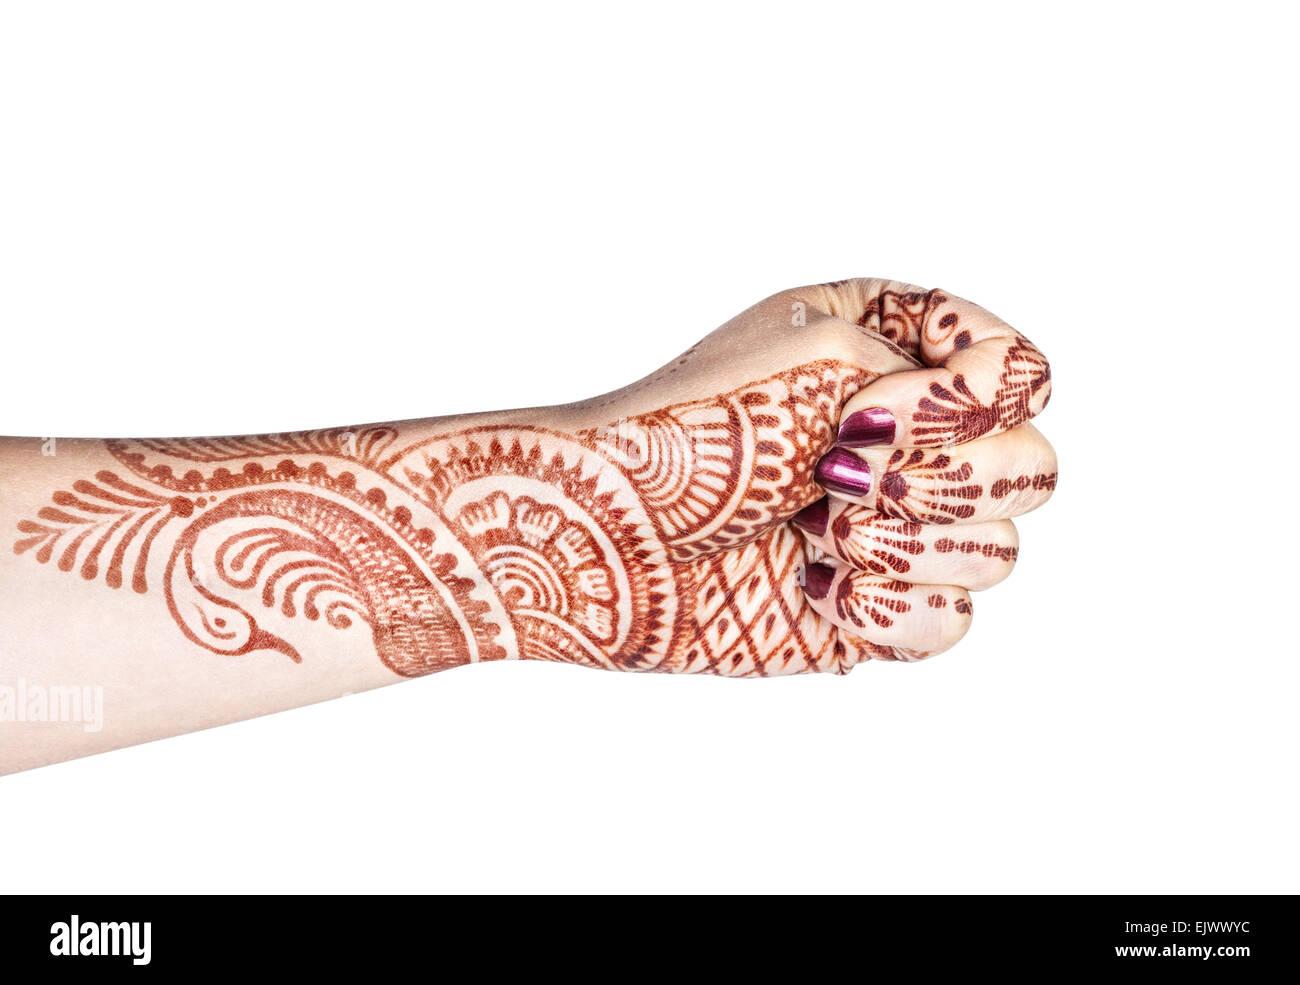 Mujer mano con henna haciendo Adi mudra aislado sobre fondo blanco con trazado de recorte Imagen De Stock